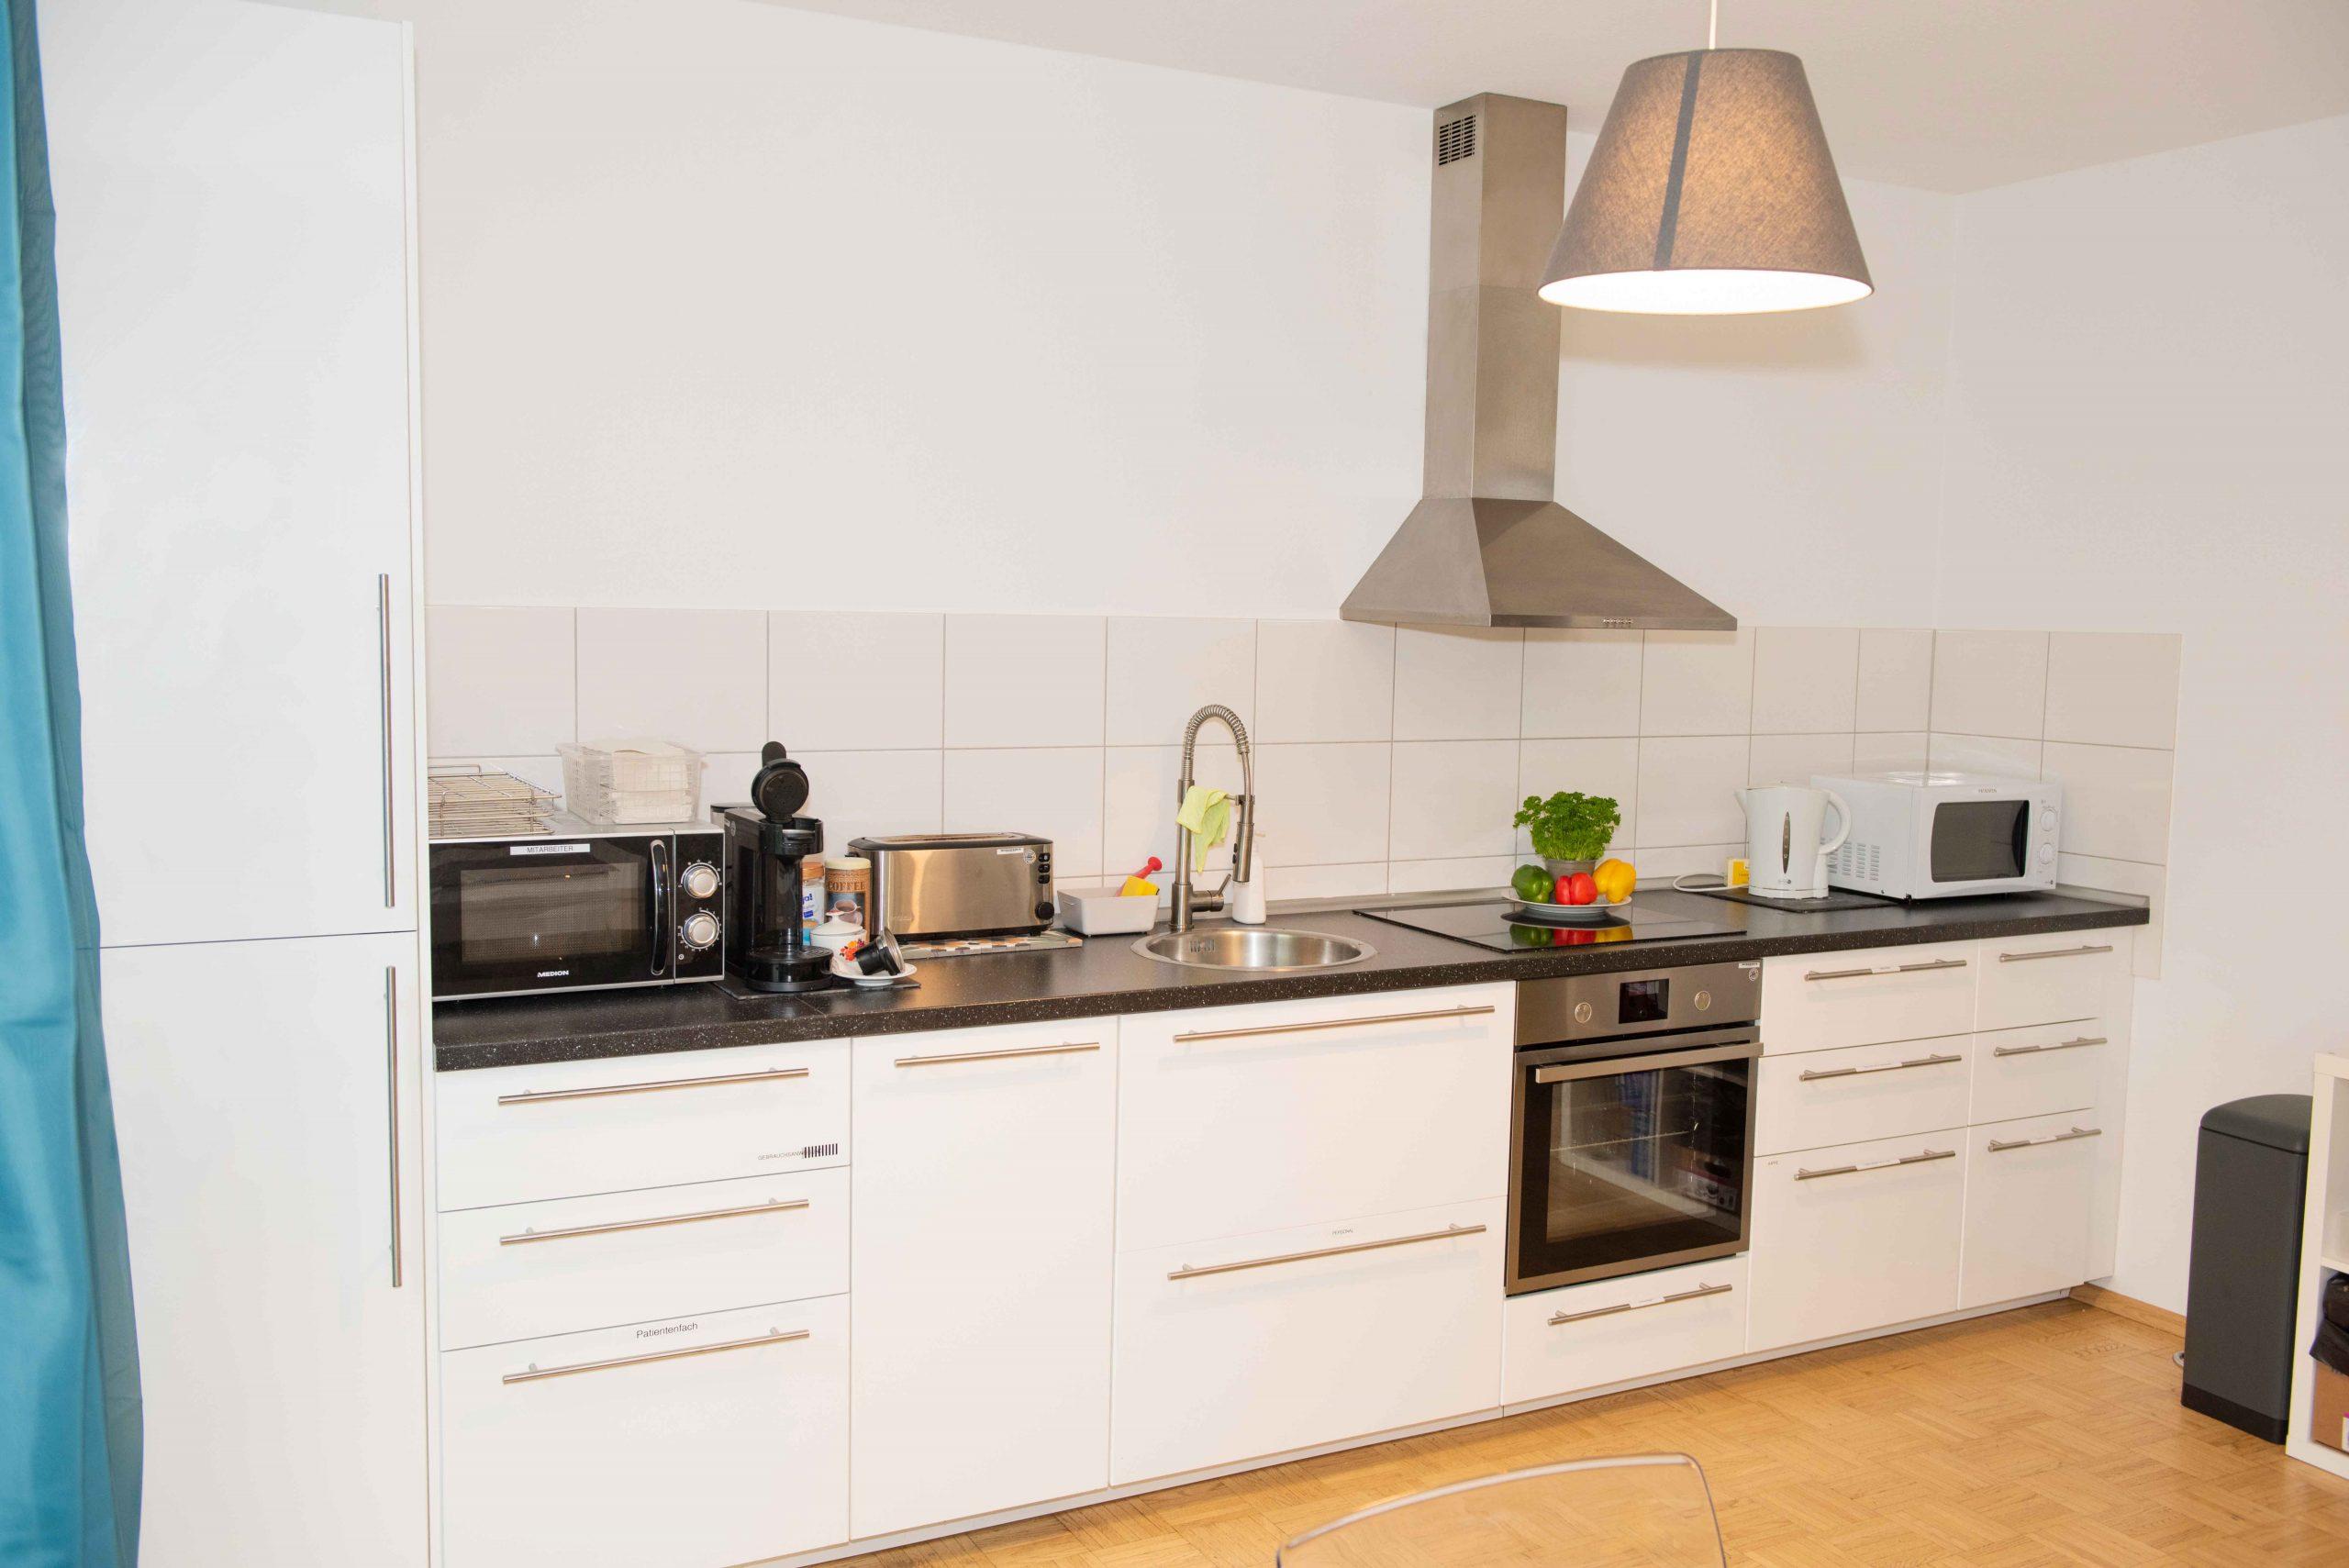 Kaiserslautern Küche